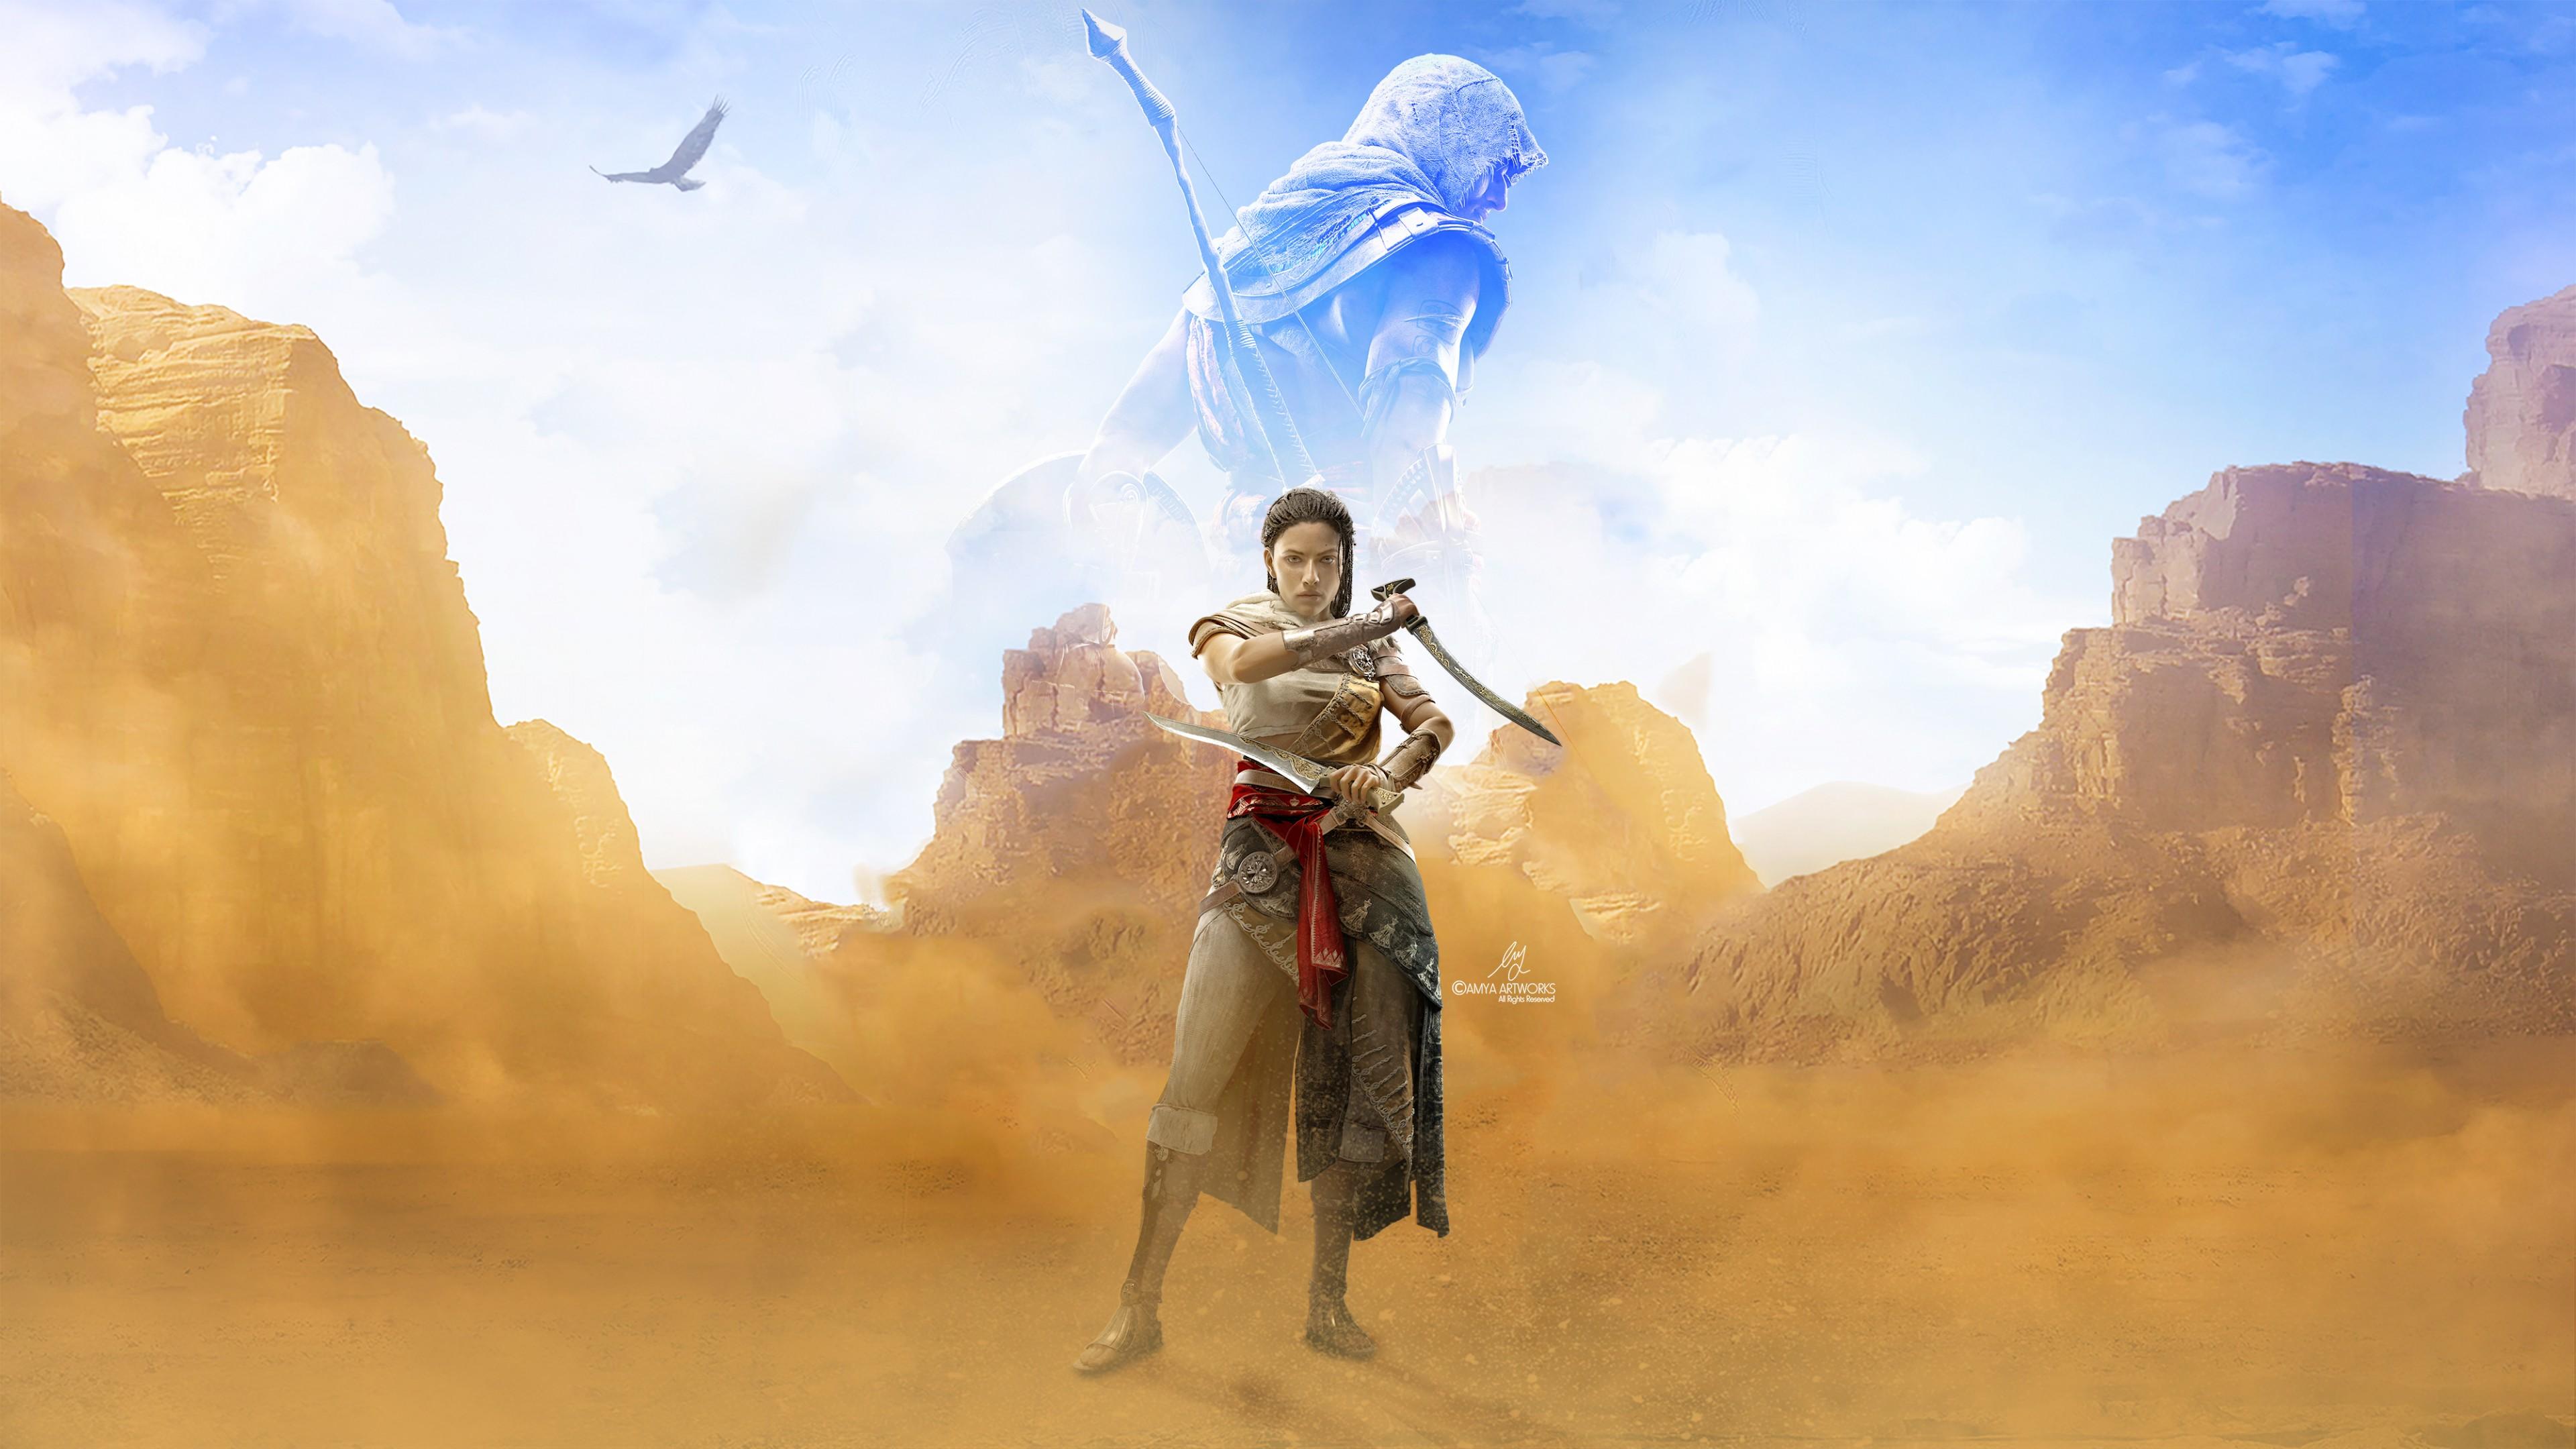 Вооруженная девушка-воин в пустыне среди гор ,а на небосклоне образ спартанца с лучником